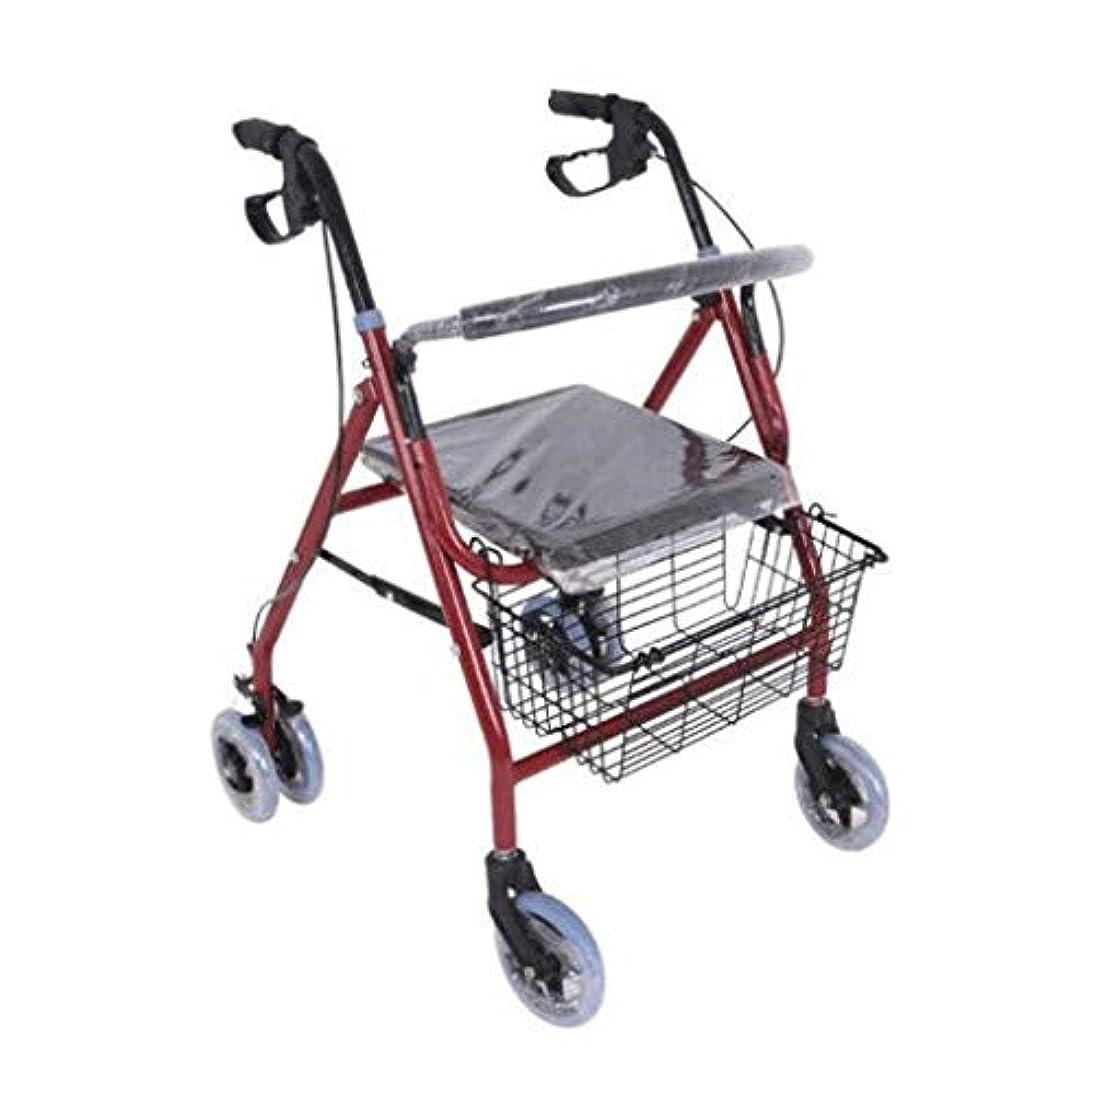 導入する届ける甘やかす高齢者手押しショッピングカート、アルミウォーカー、滑り止めウォーカー4本足杖屋外バスルーム使用不可